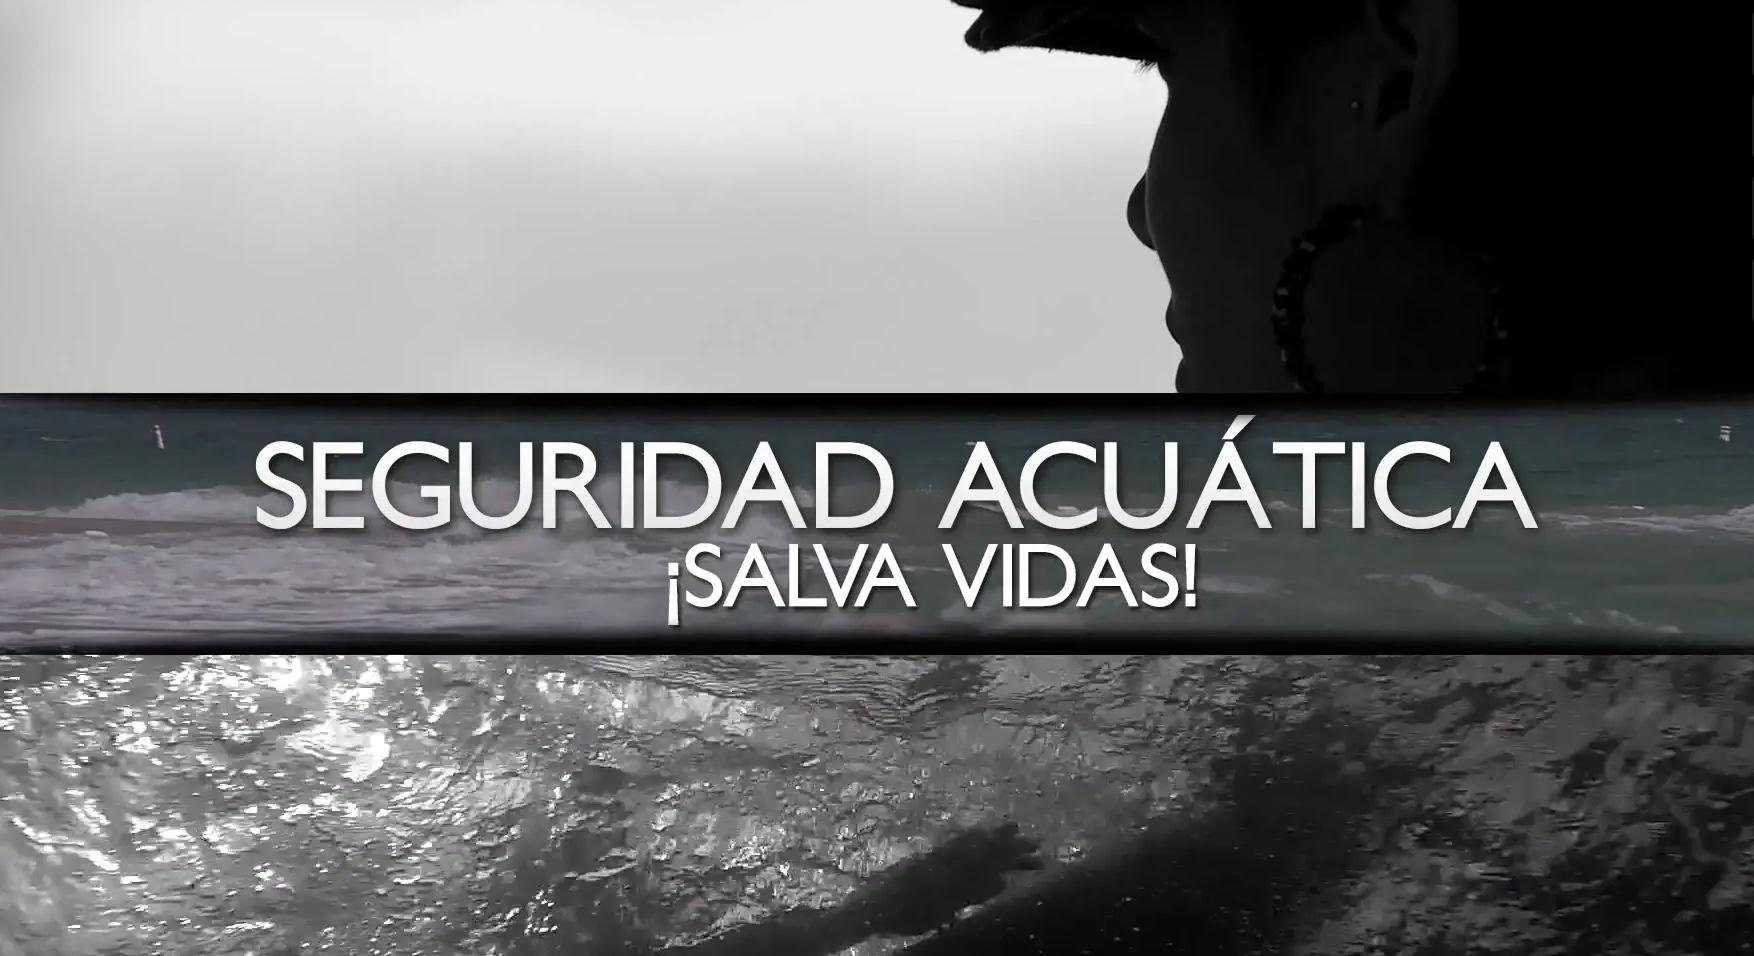 GeoAmbiente – Seguridad Acuática: ¡salva vidas!